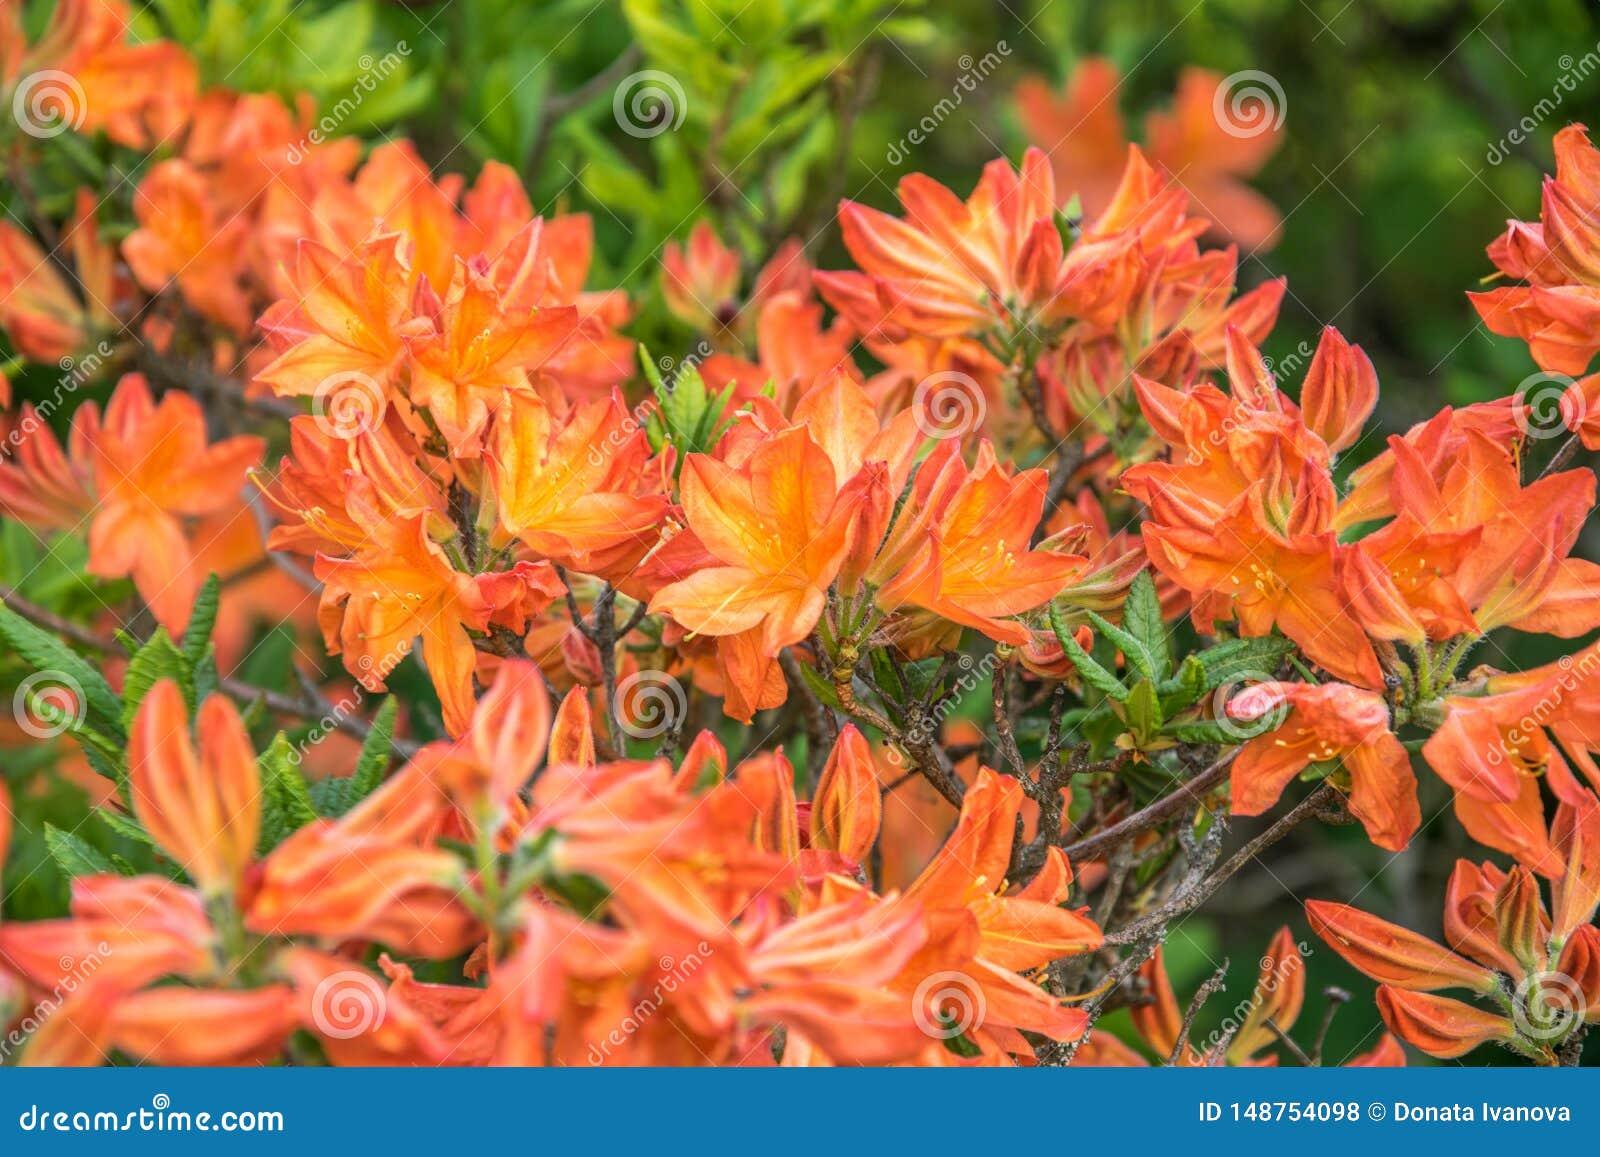 Helder oranje bloemen bloeiende rododendron op een zonnige dag